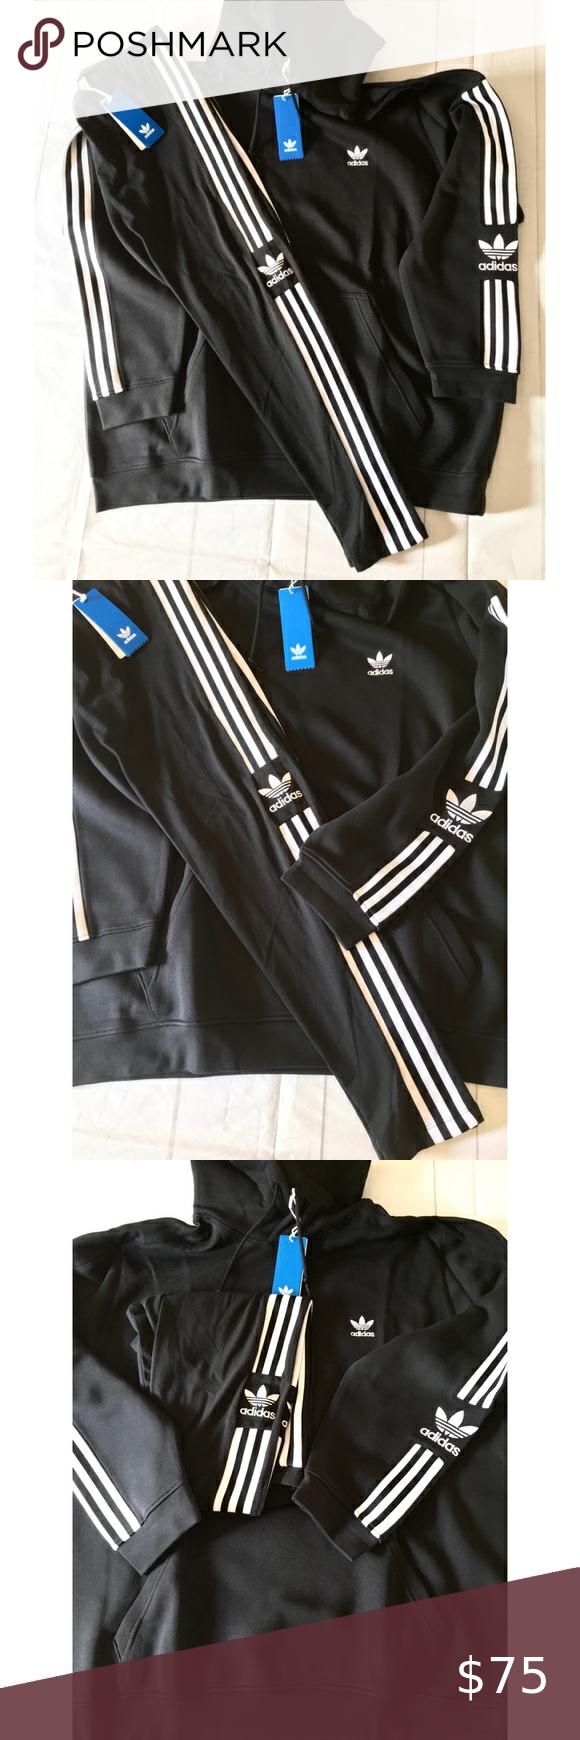 New Adidas Original 3 Stripe Hoodie Sweatshirt Striped Hoodie Sweatshirts Hoodie Clothes Design [ 1740 x 580 Pixel ]